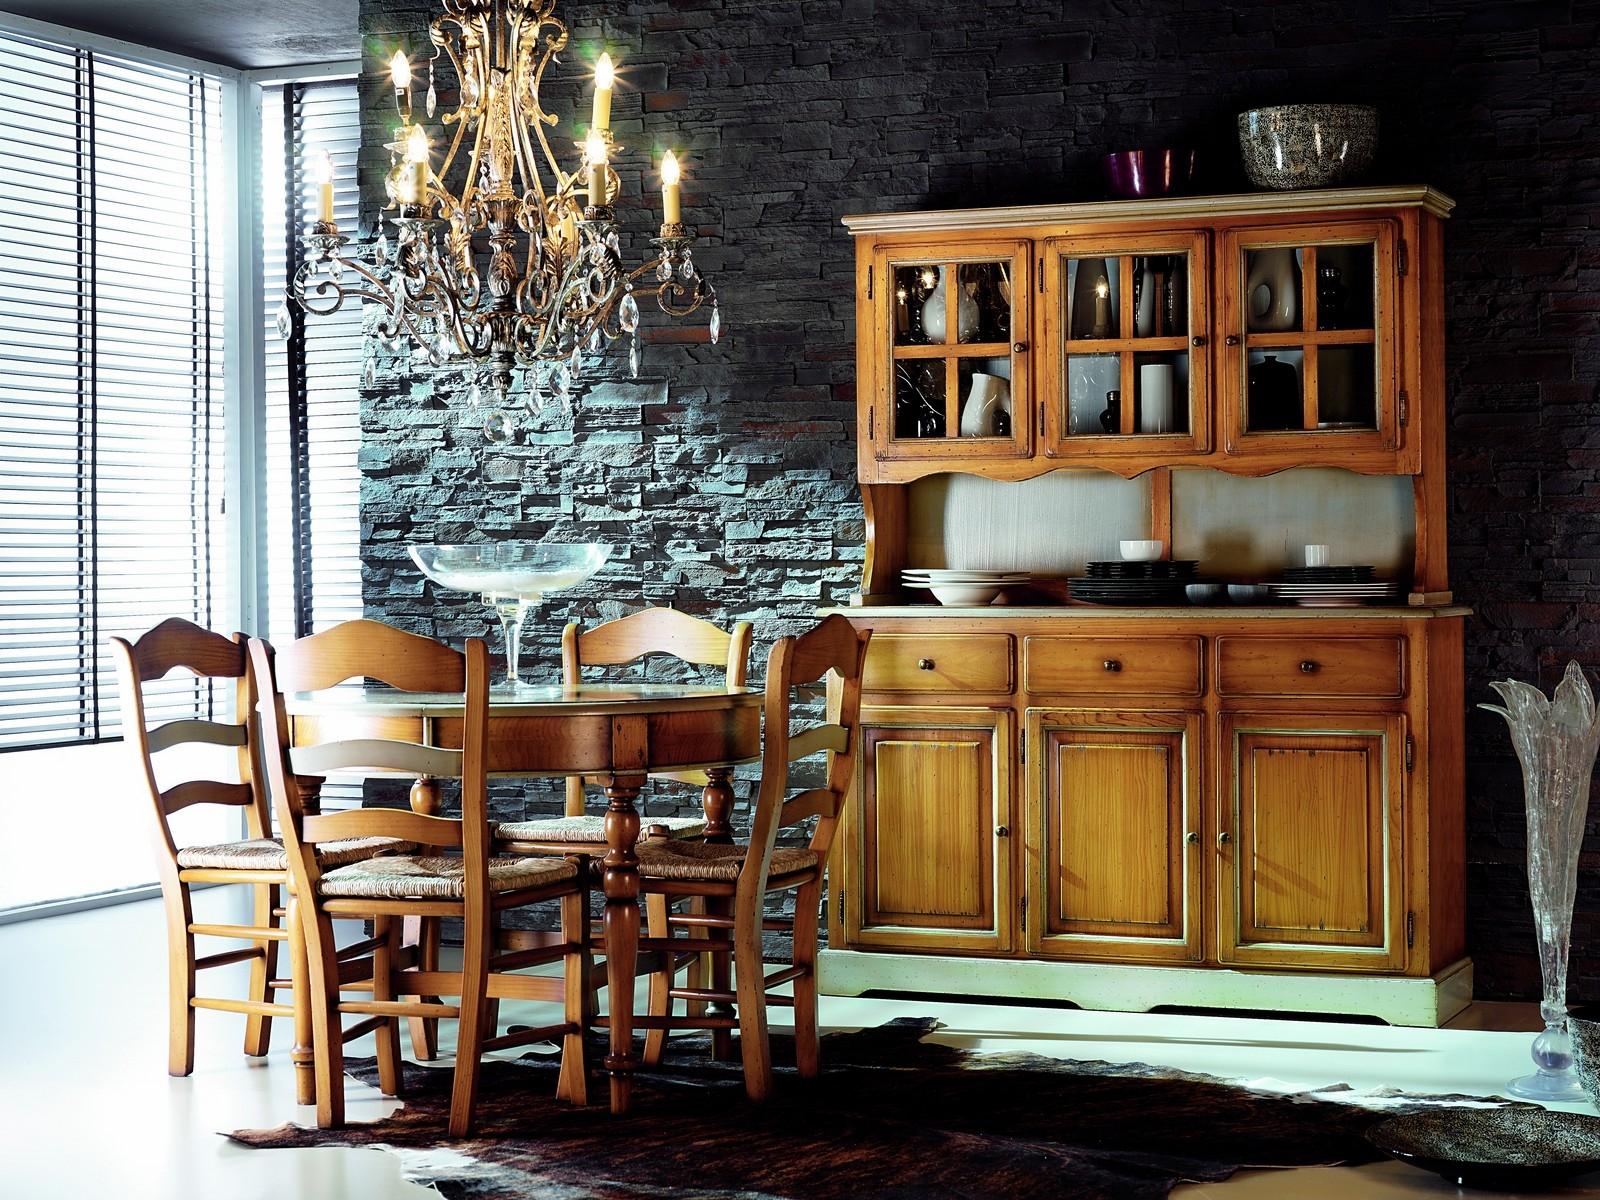 Como decorar un comedor rustico excellent como decorar - Decorar comedor rustico ...